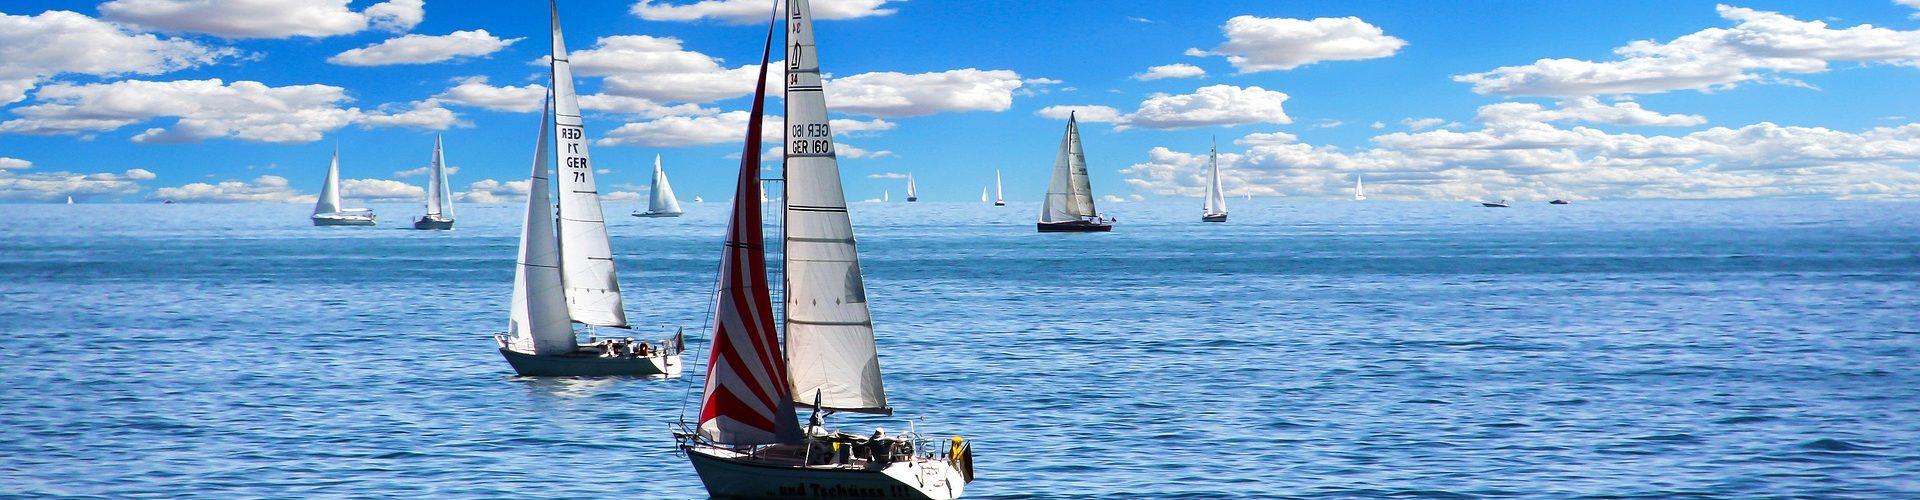 segeln lernen in Altengottern segelschein machen in Altengottern 1920x500 - Segeln lernen in Altengottern